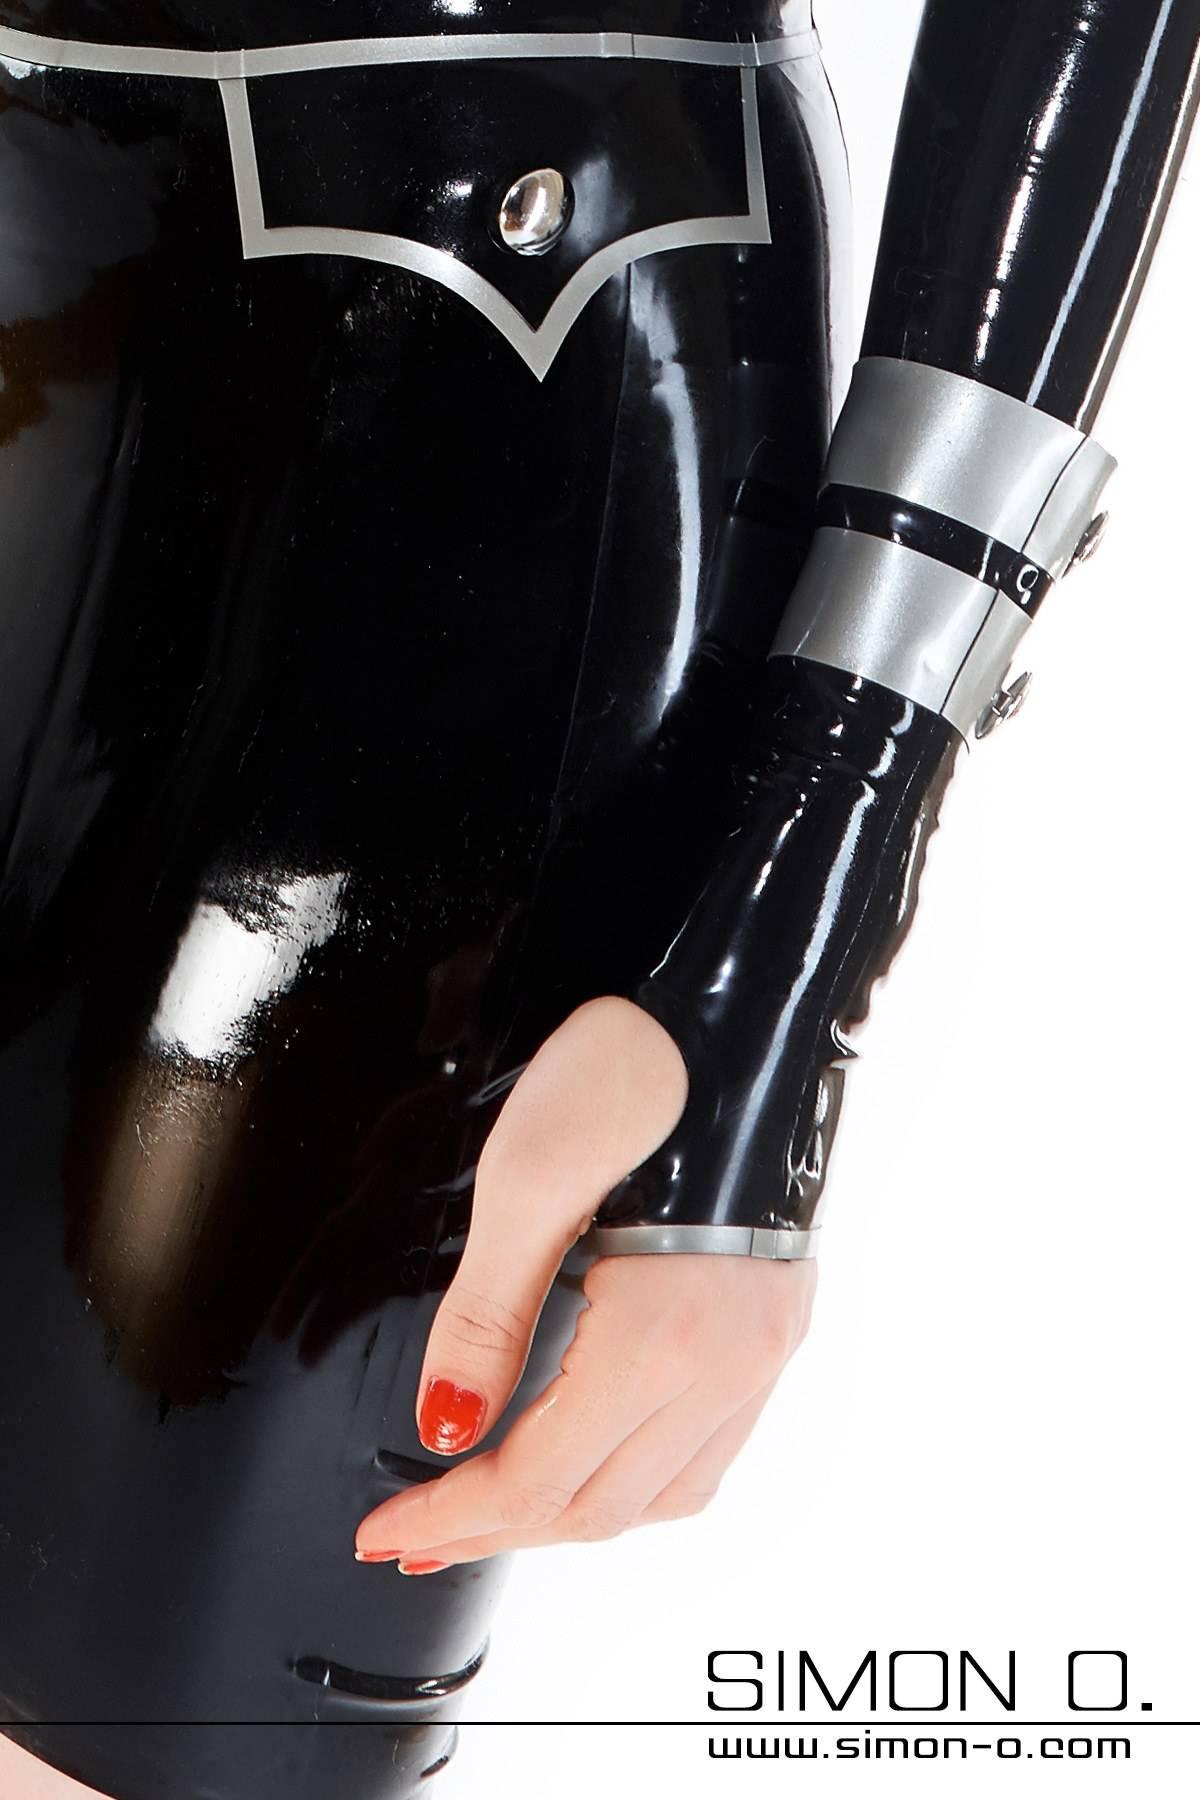 Kurze Latex Stulpen im Uniform Stil passend zu unseren Military Dress oder Bluse mit Rock. Abgebildete Latex Armstulpen: Farbe 1:Schwarz …